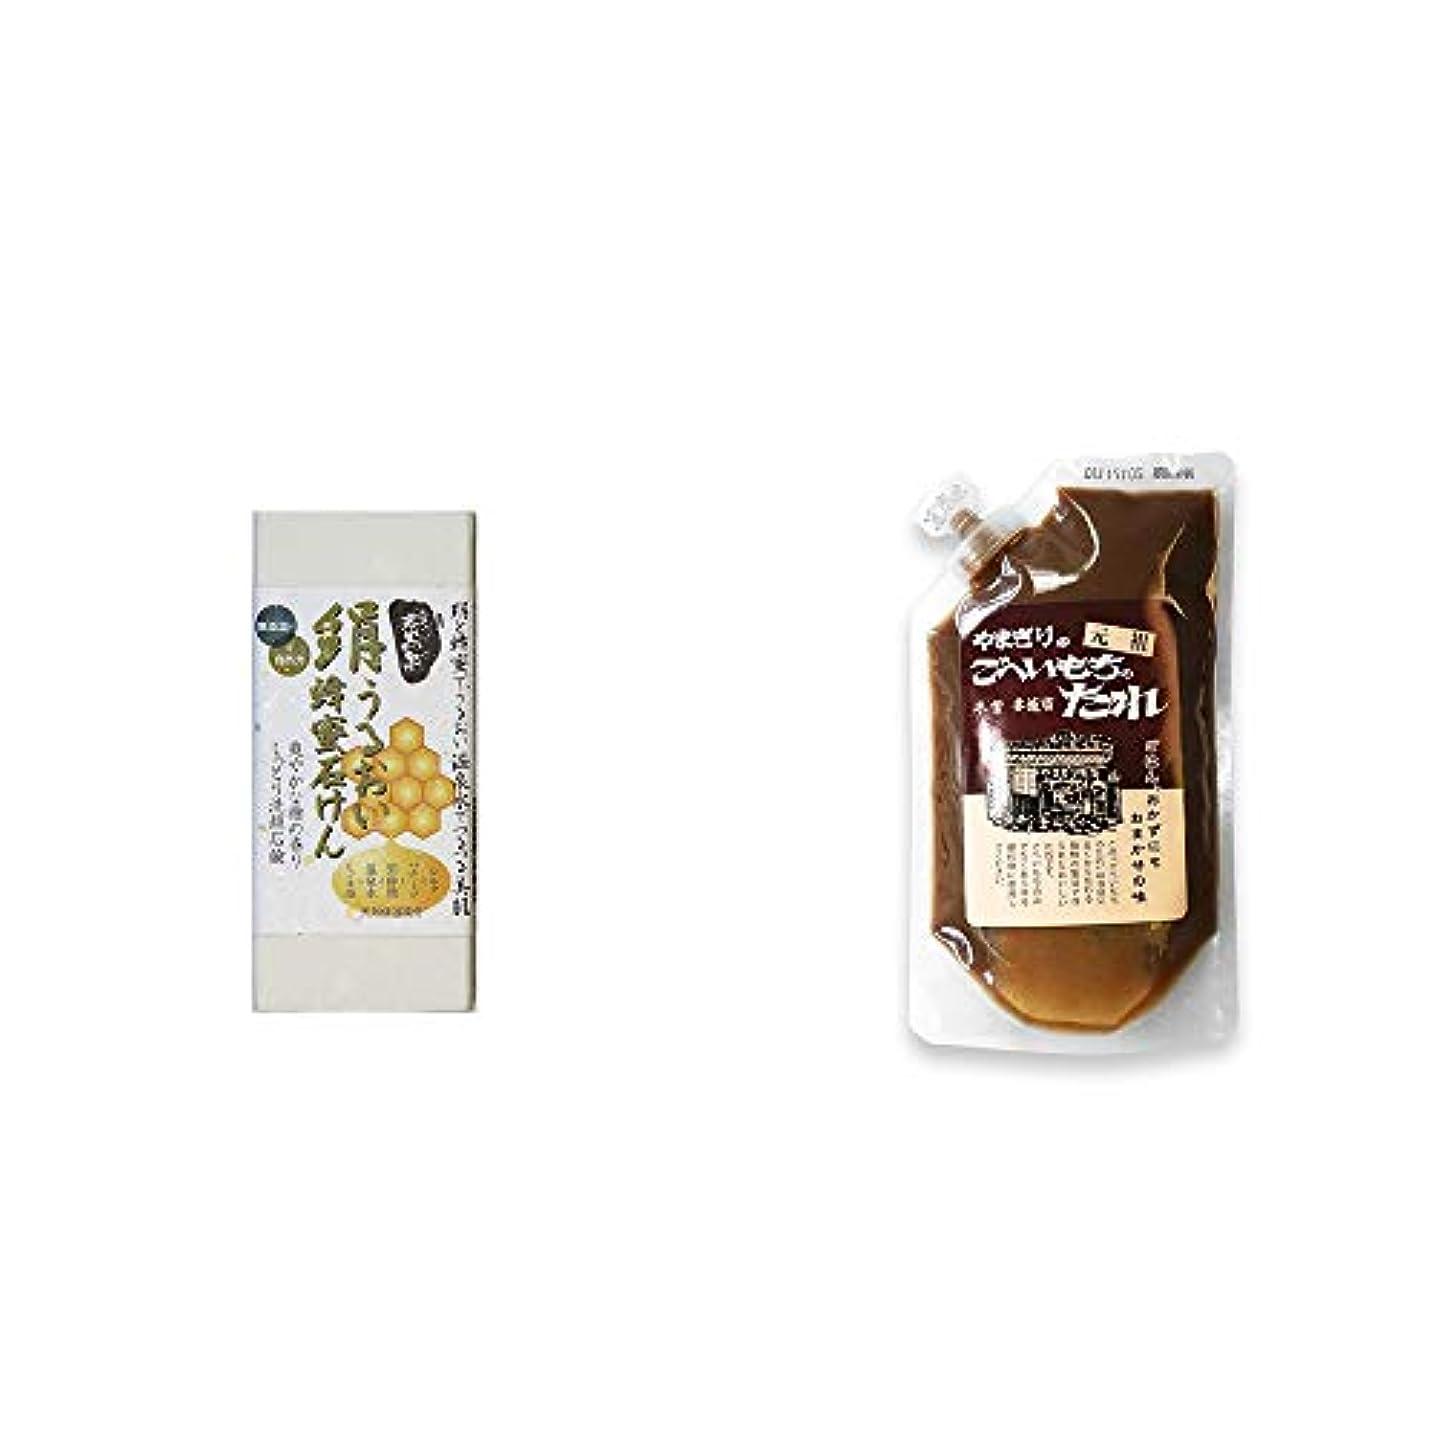 王室ビット添加剤[2点セット] ひのき炭黒泉 絹うるおい蜂蜜石けん(75g×2)?妻籠宿 やまぎり食堂 ごへい餅のたれ(250g)